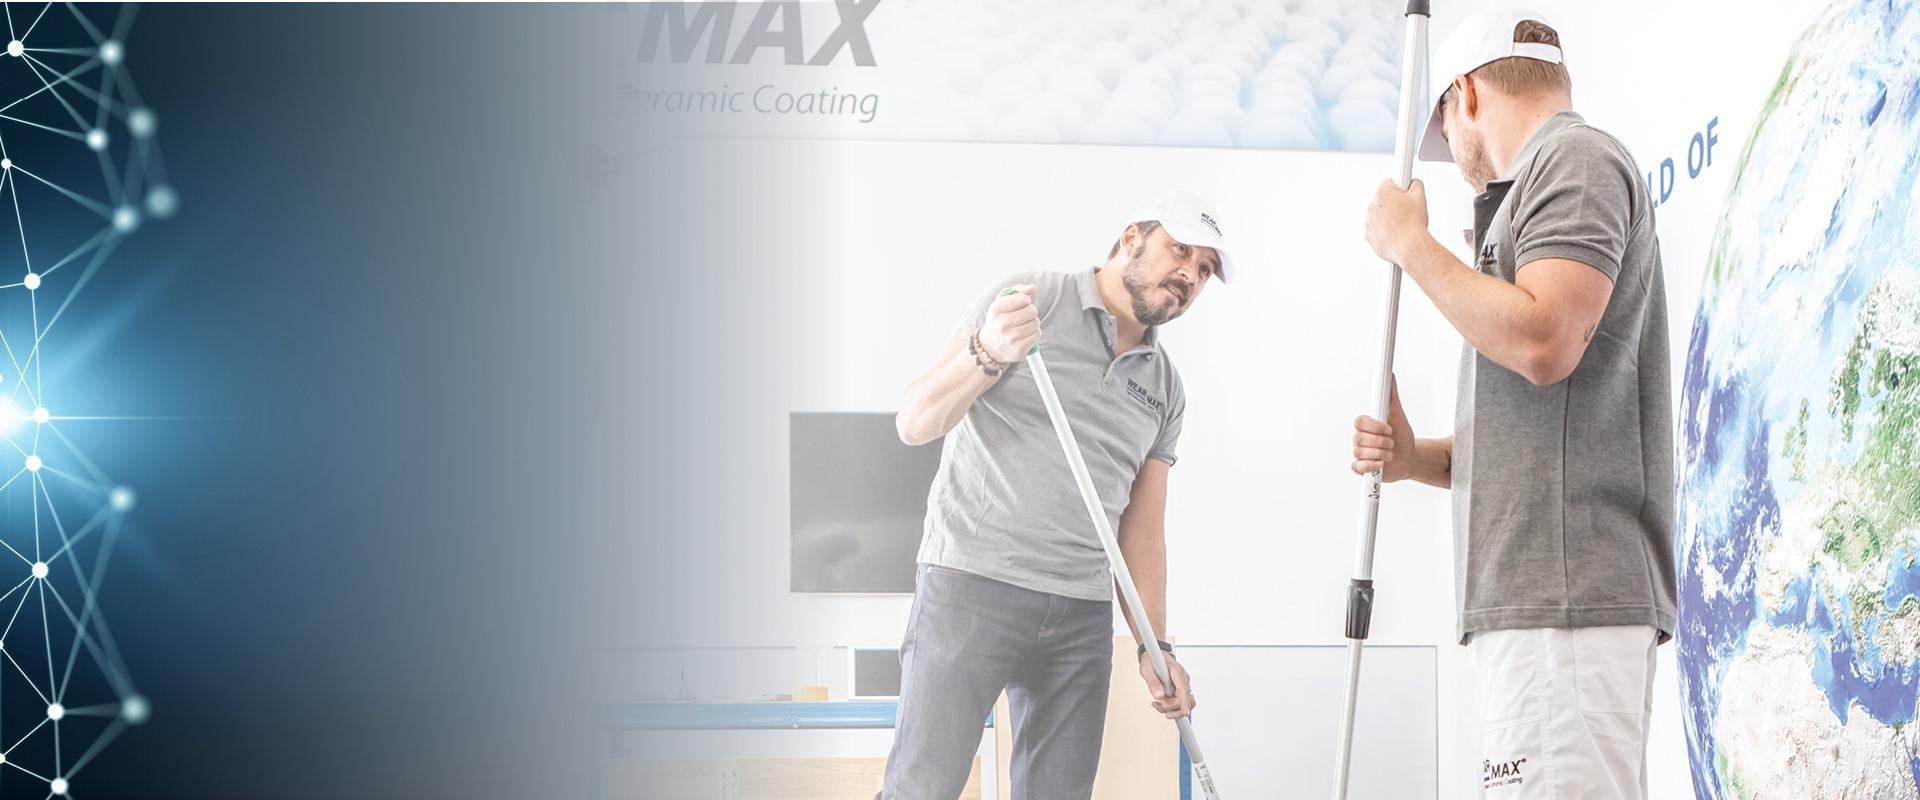 Train the Trainer WEARMAX Schulung - Zwei Leute applizieren WEARMAX Coating